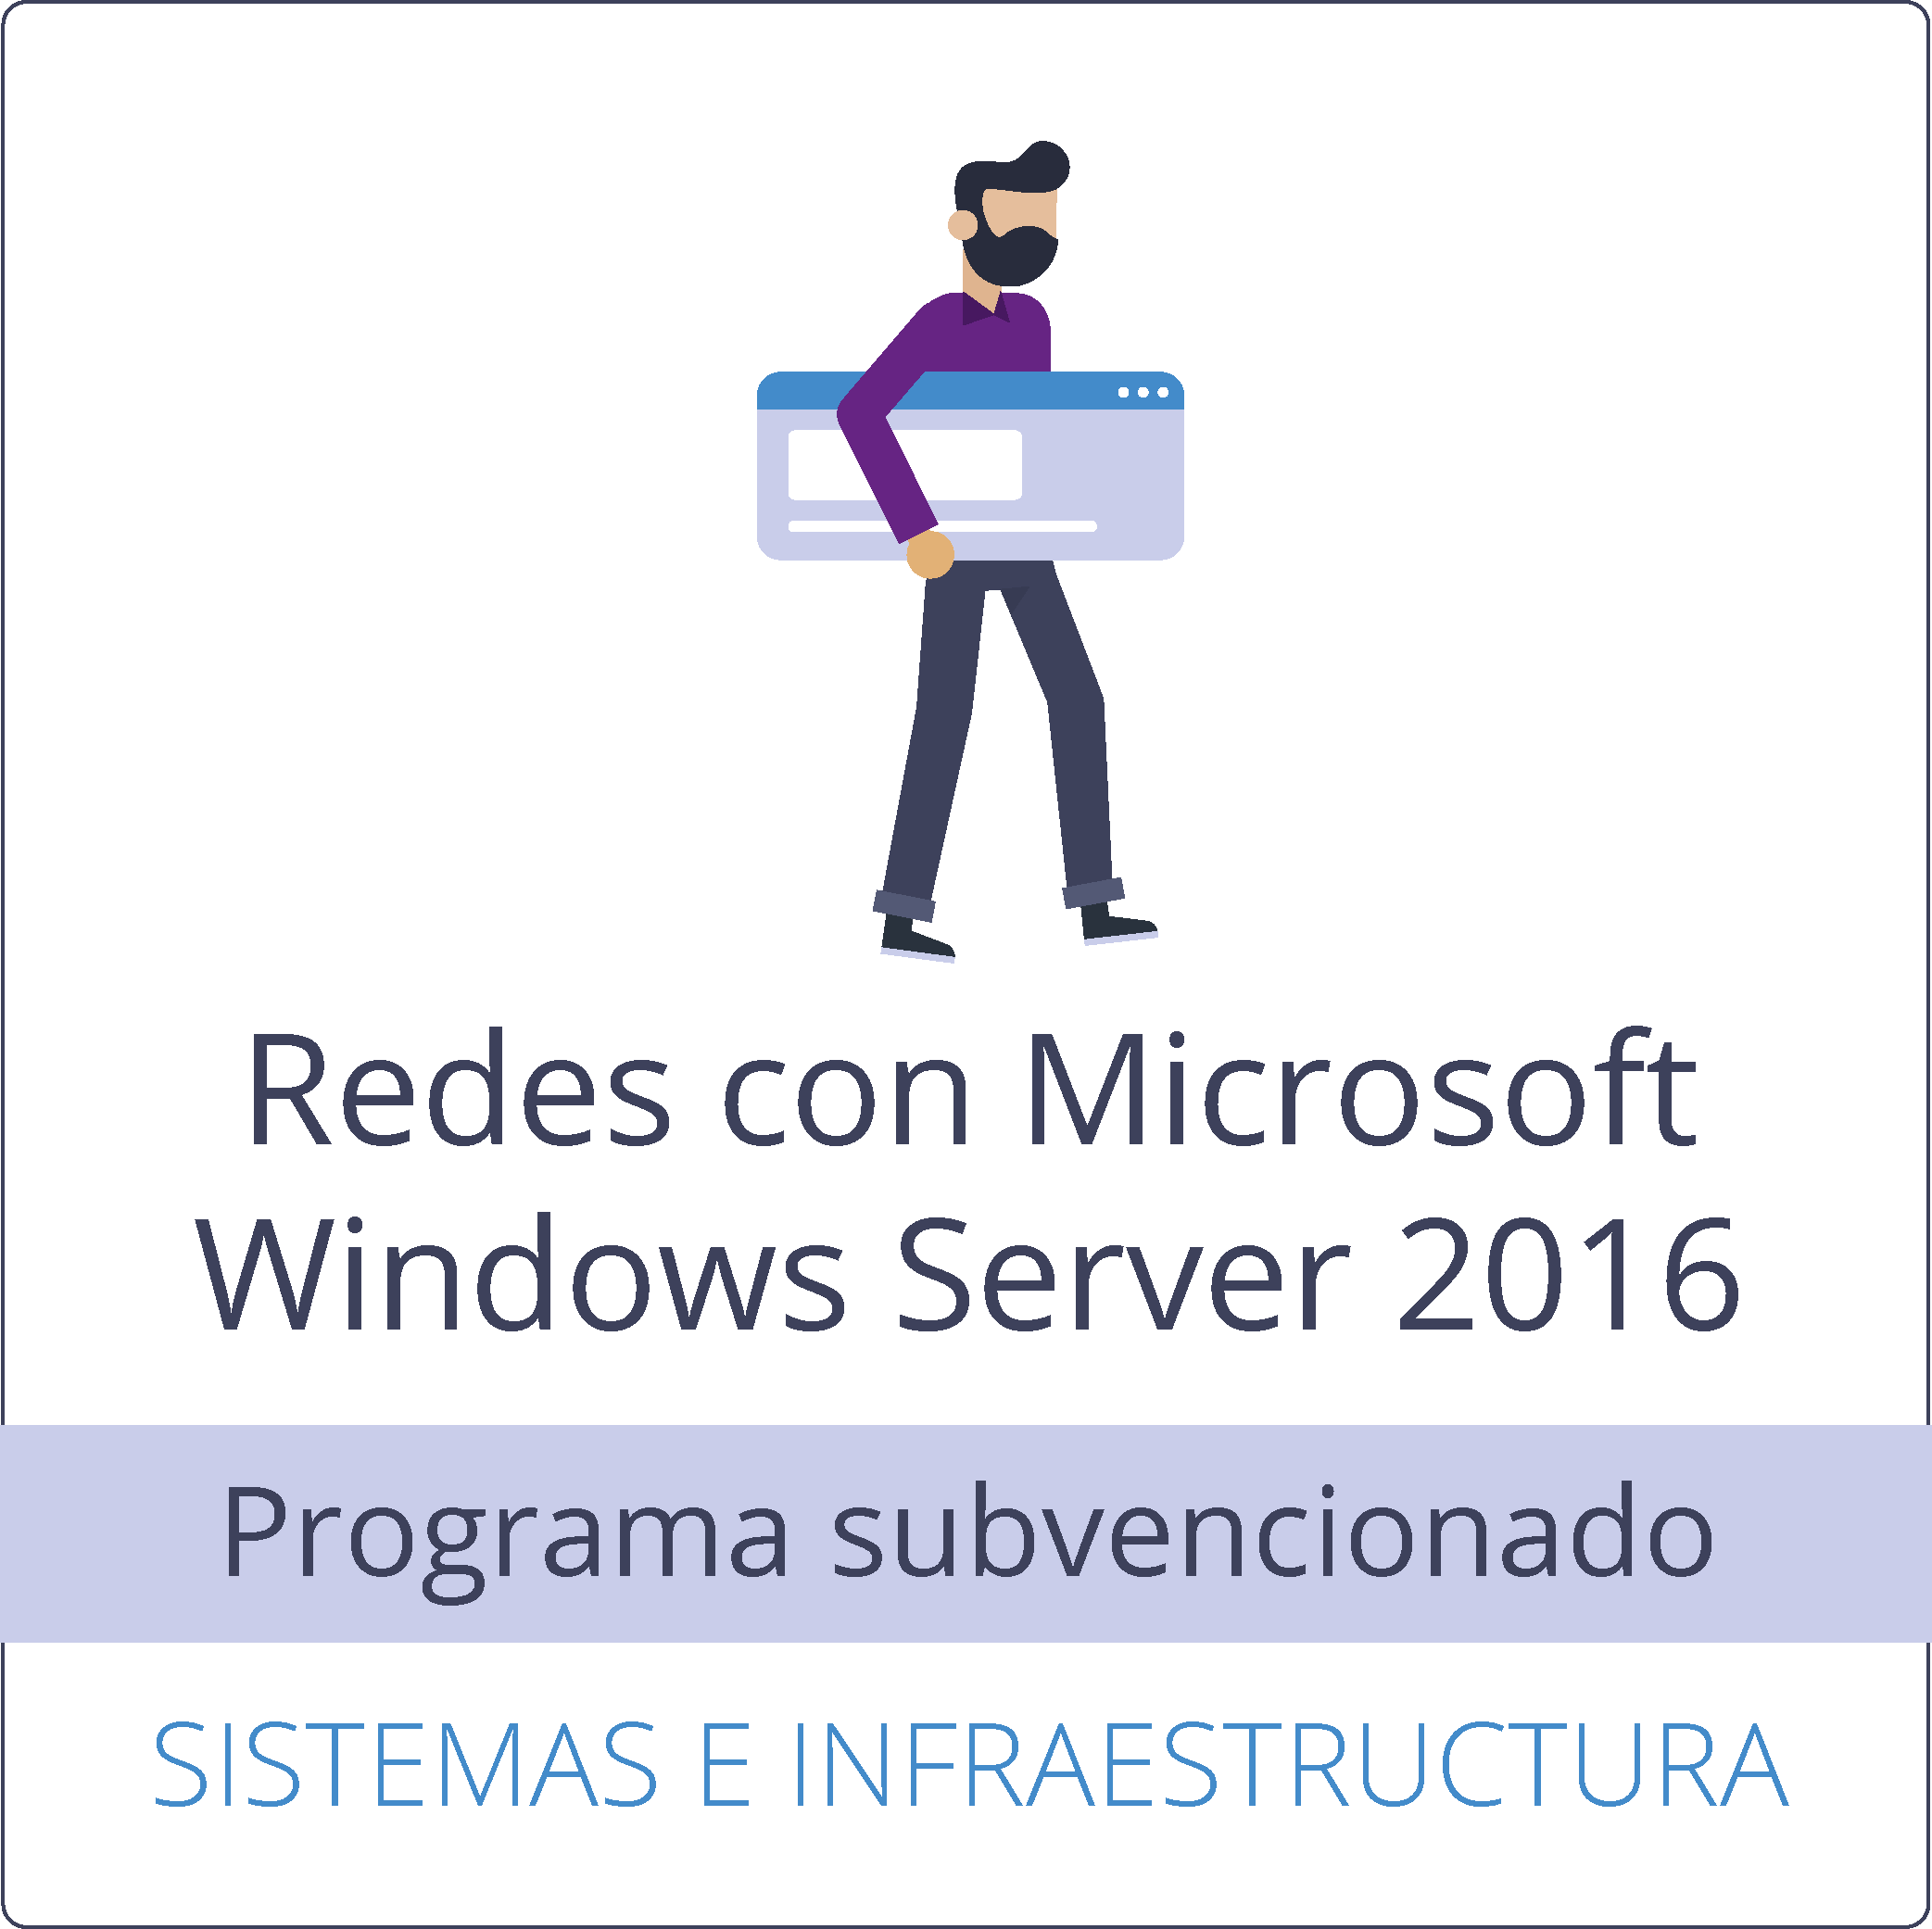 Redes con Microsoft Windows Server 2016 (gratuito)